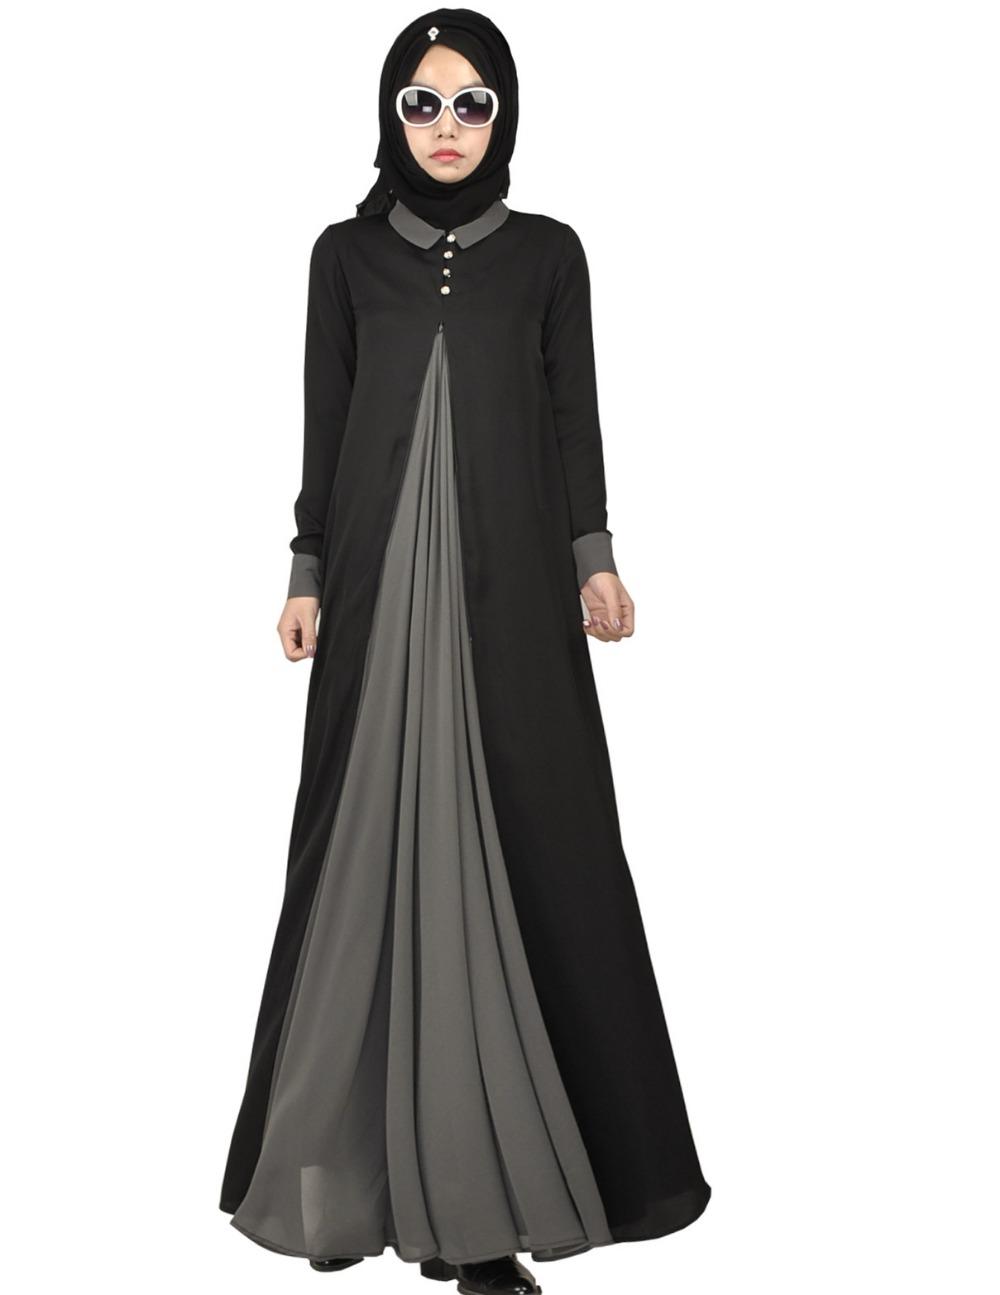 بالصور عبايات سعودية , اروع انواع العبايات السعودي 3545 6